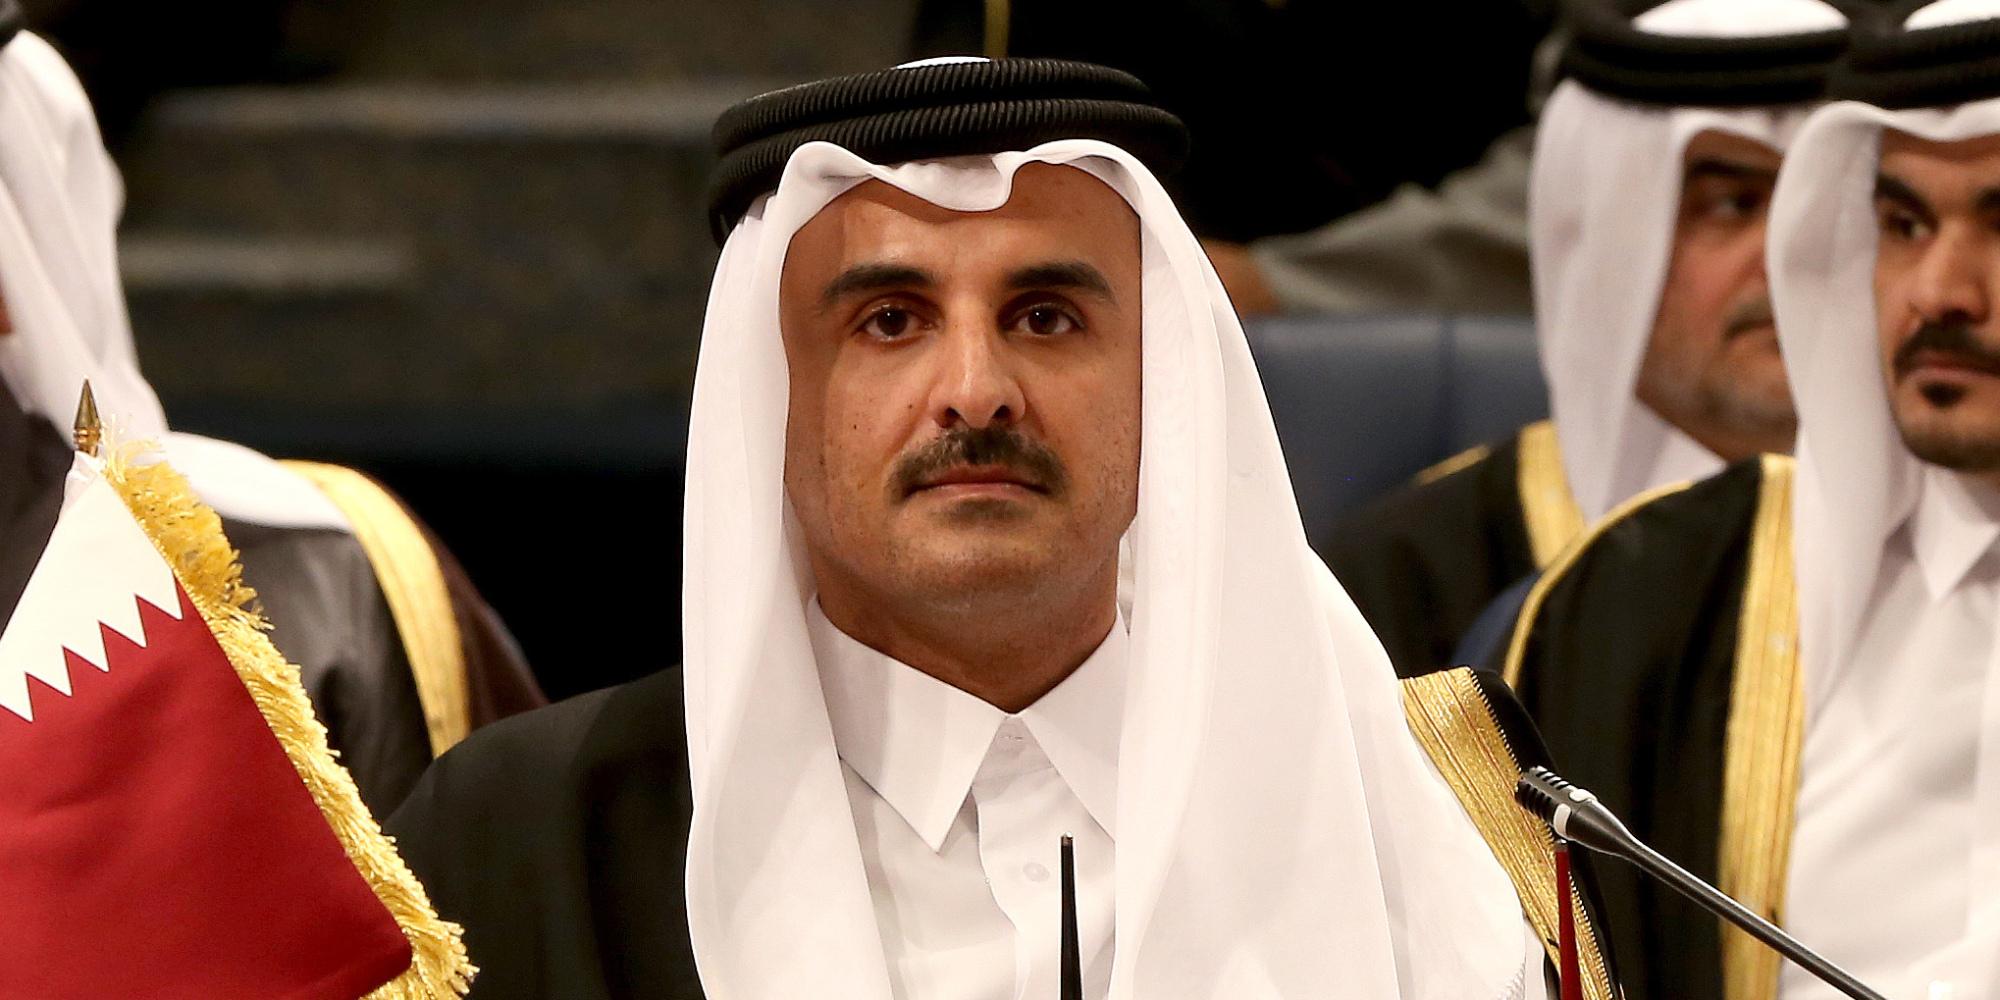 أمير قطر يُغرد على تويتر.. وصف 2017 بالعام الثقيل على الأمة وعبَّر عن أمنيته في 2018